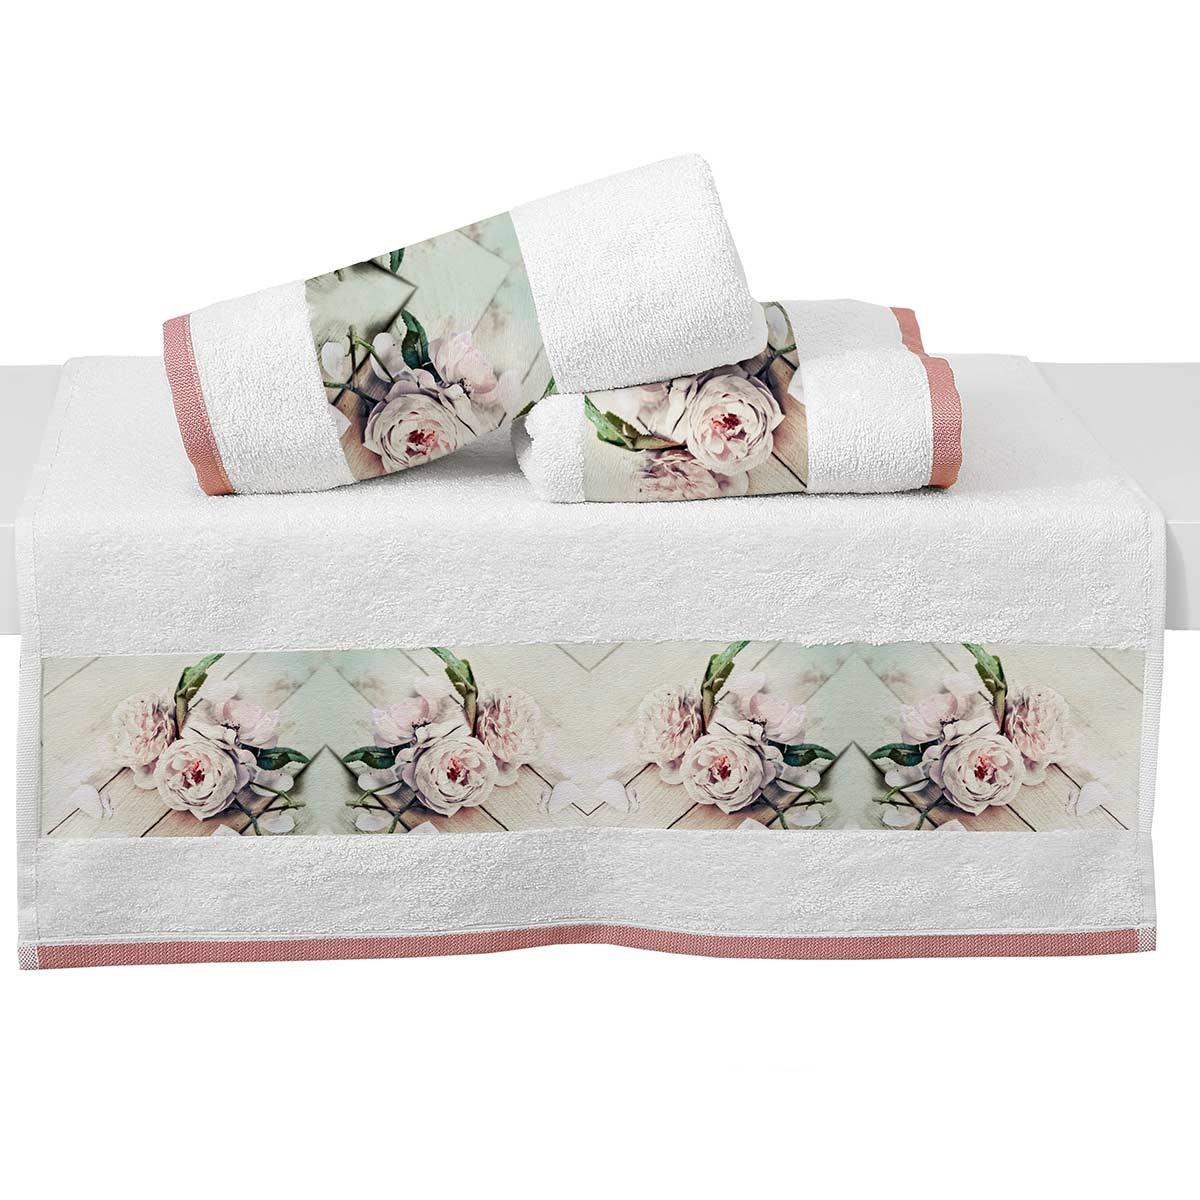 Πετσέτες Μπάνιου (Σετ 2τμχ) Viopros Digital 1311